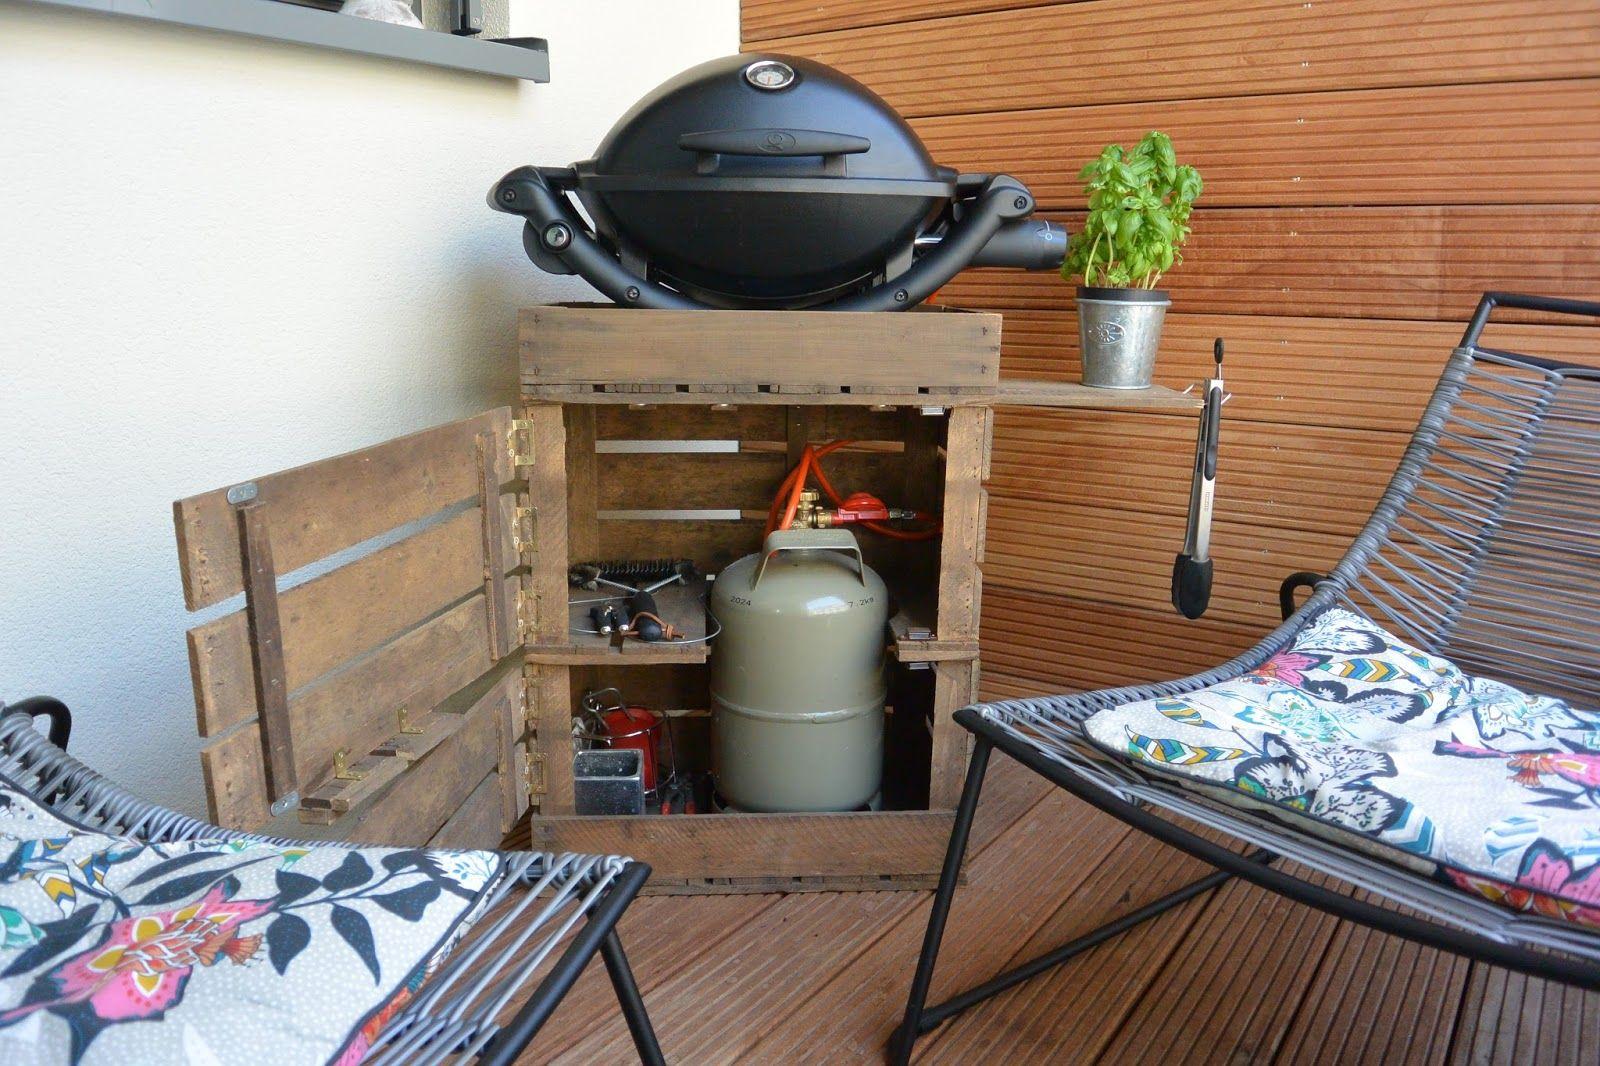 Bildergebnis für grilltisch | Wohnung terrasse dekoration